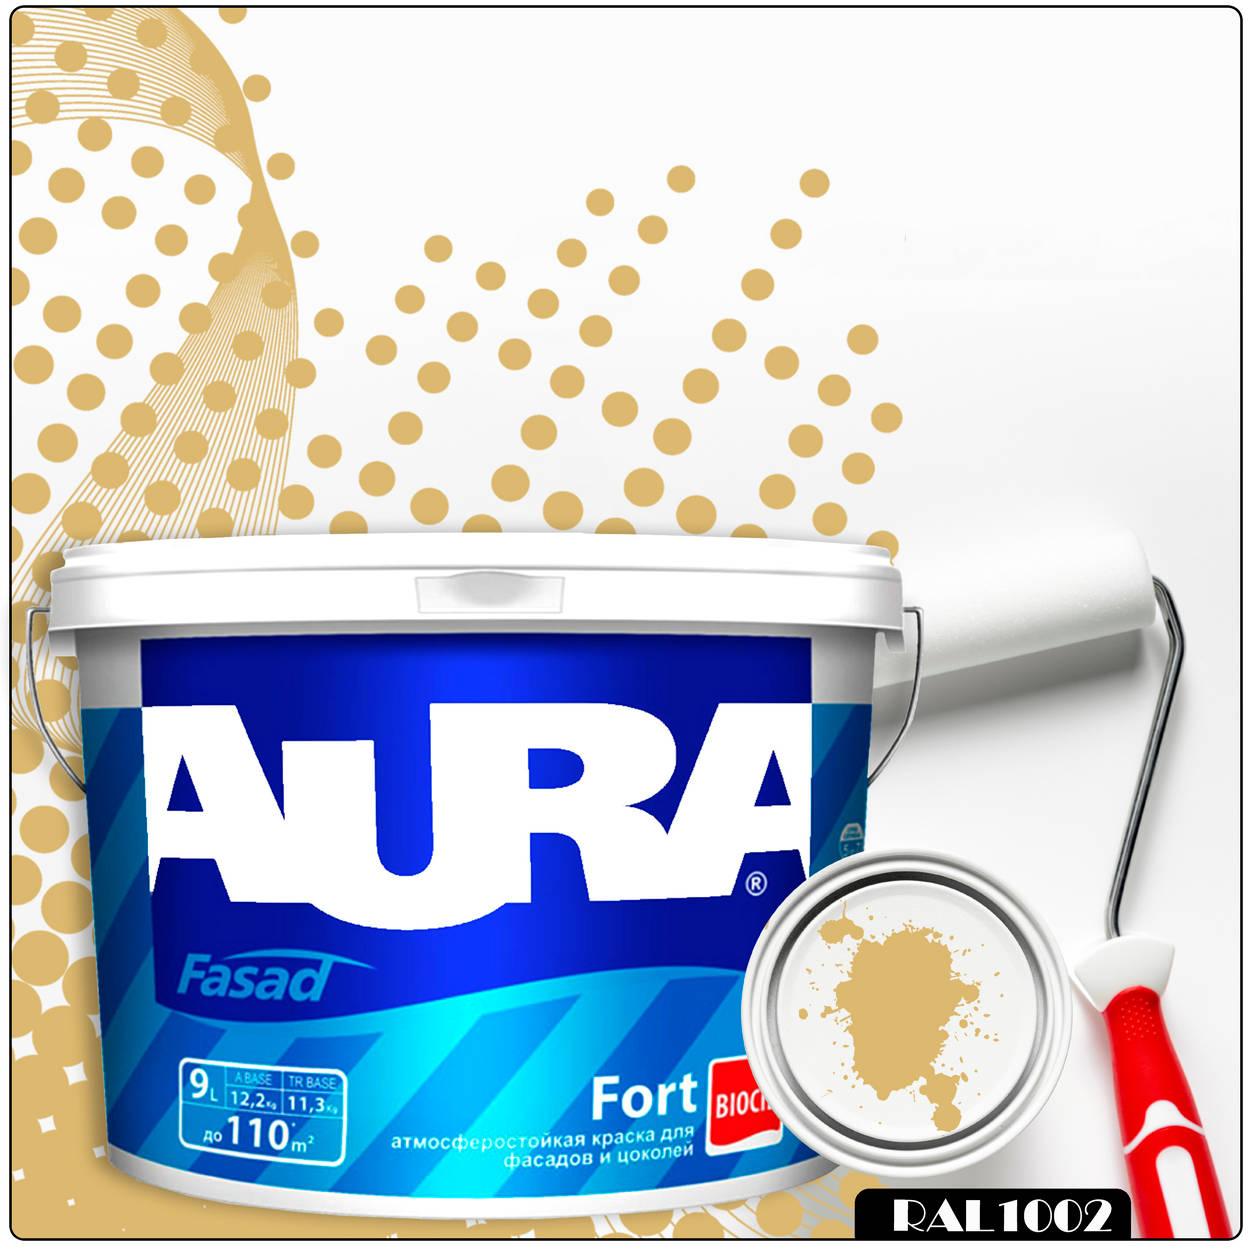 Фото 3 - Краска Aura Fasad Fort, RAL 1002 Песочно-жёлтый, латексная, матовая, для фасада и цоколей, 9л, Аура.